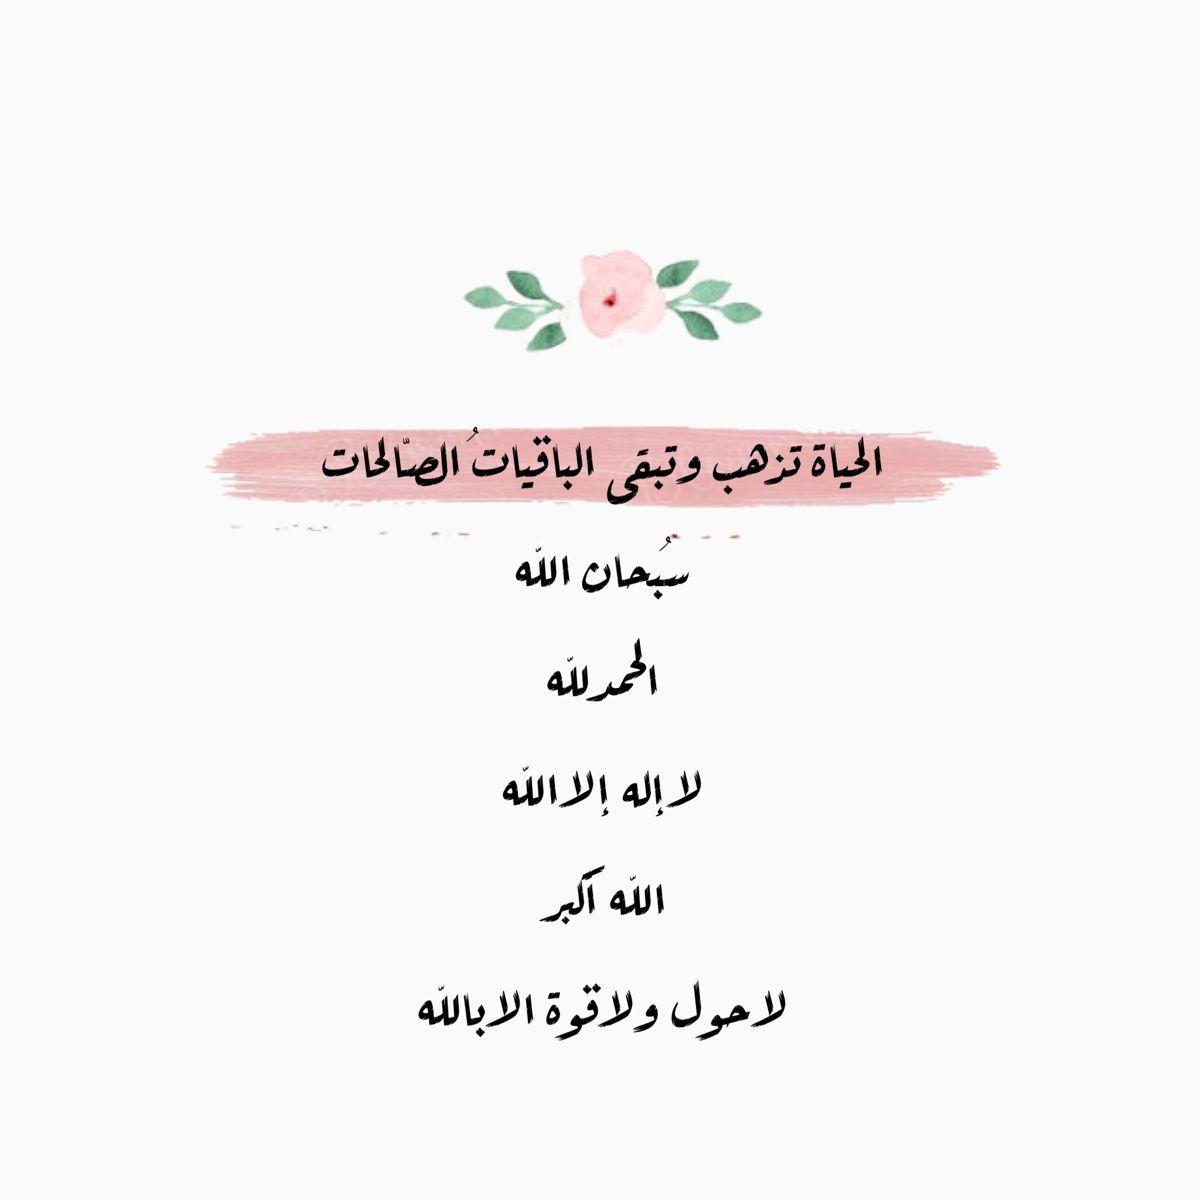 سبحان الله Words Quotes Home Decor Decals Words